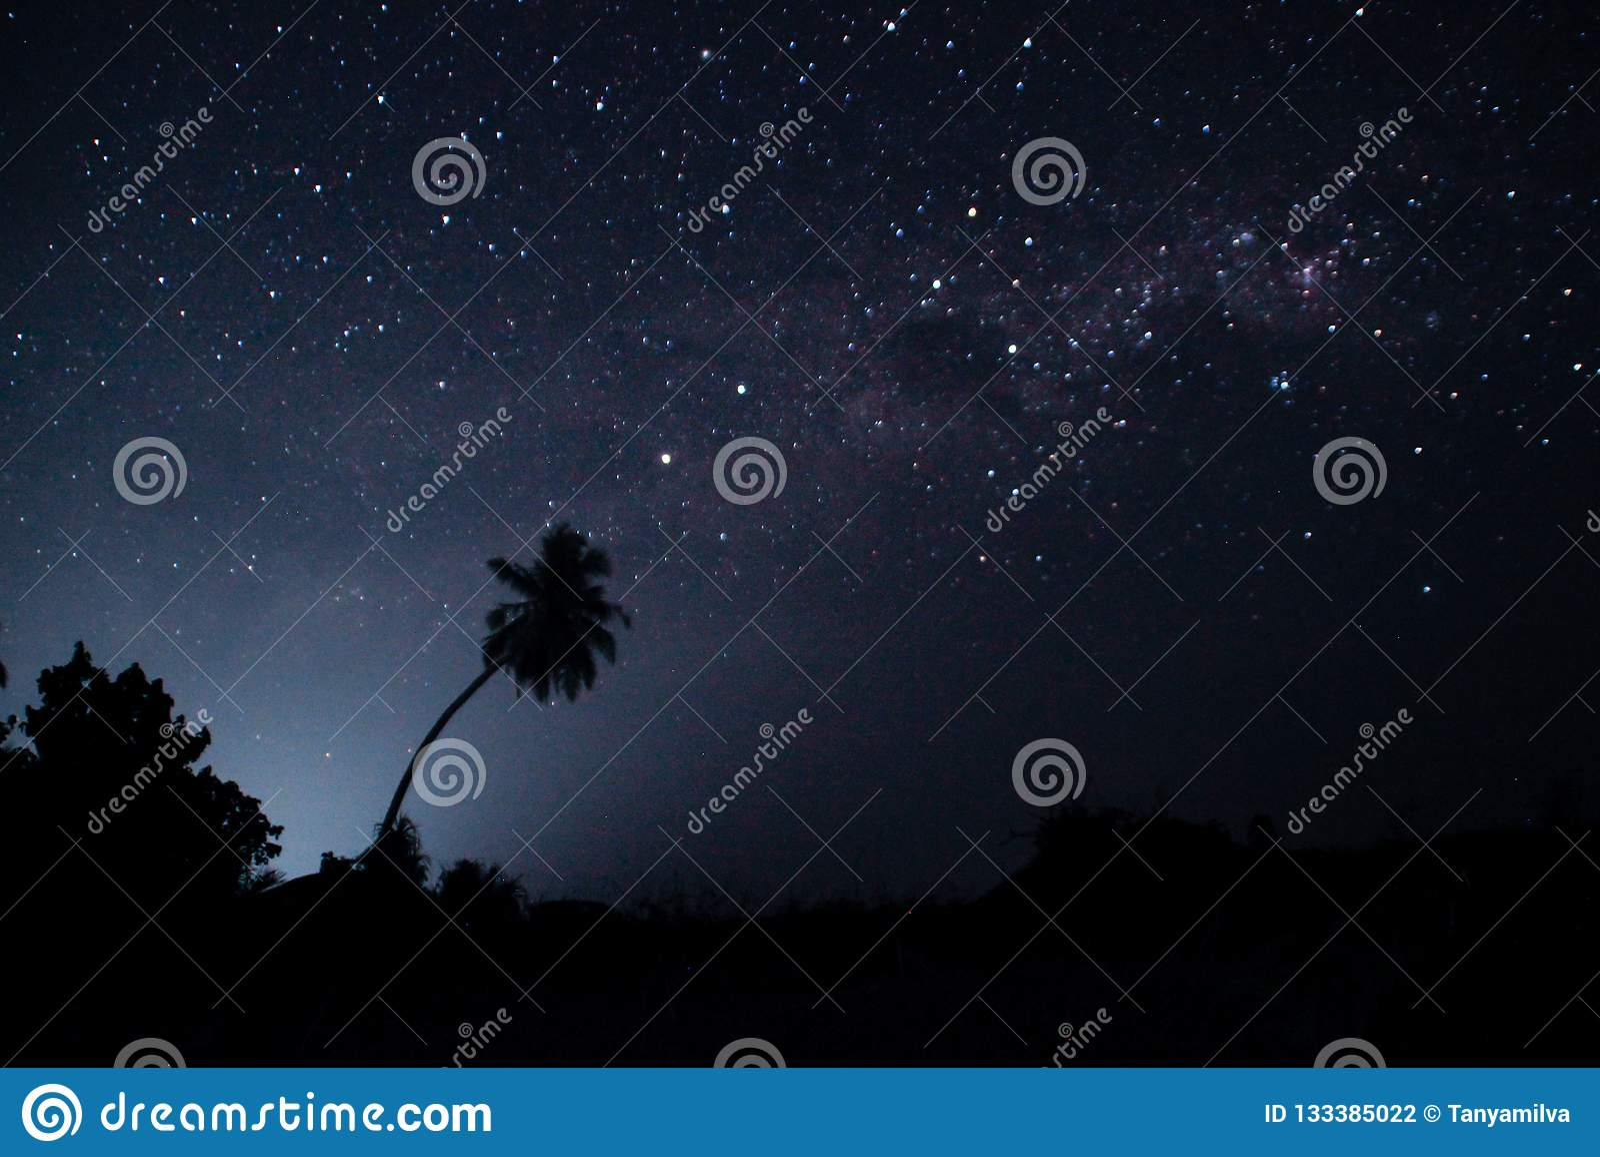 Έναστρος ουρανός νύχτας με πολλά αστέρια και τις περιλήψεις των φοινίκων